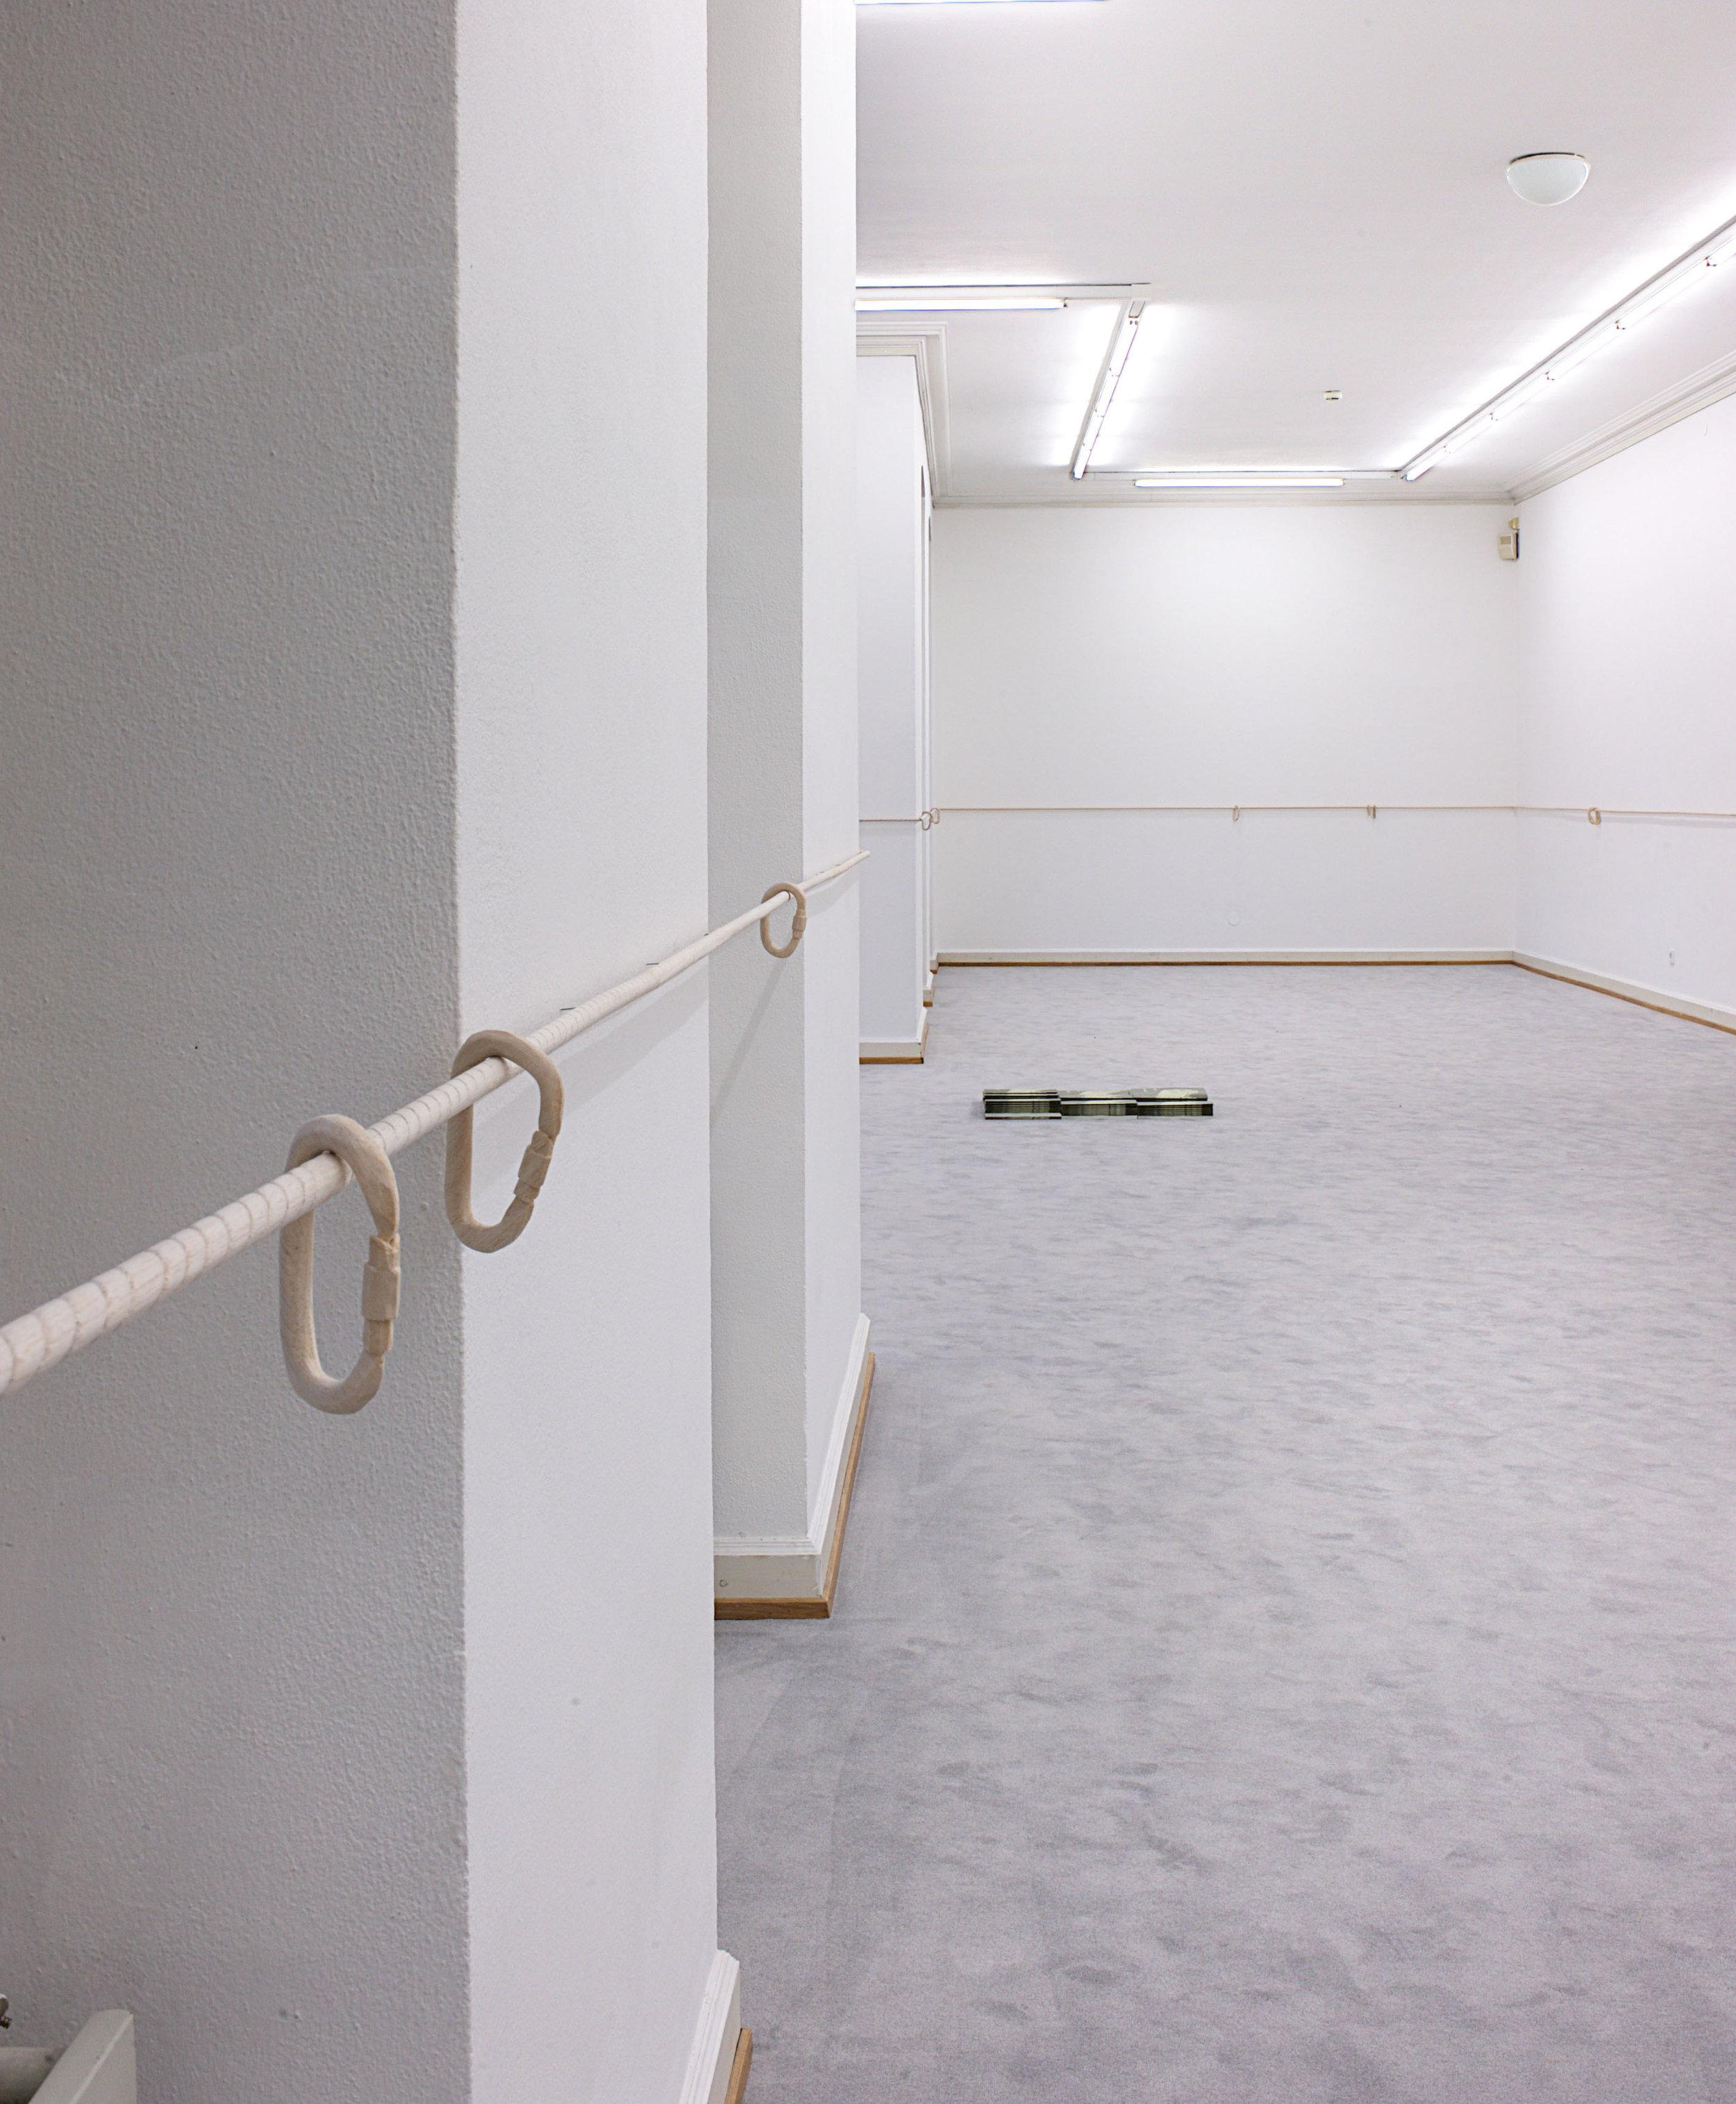 W.Bender KARABINER, Installation Bregenz 2017(Detail).jpg